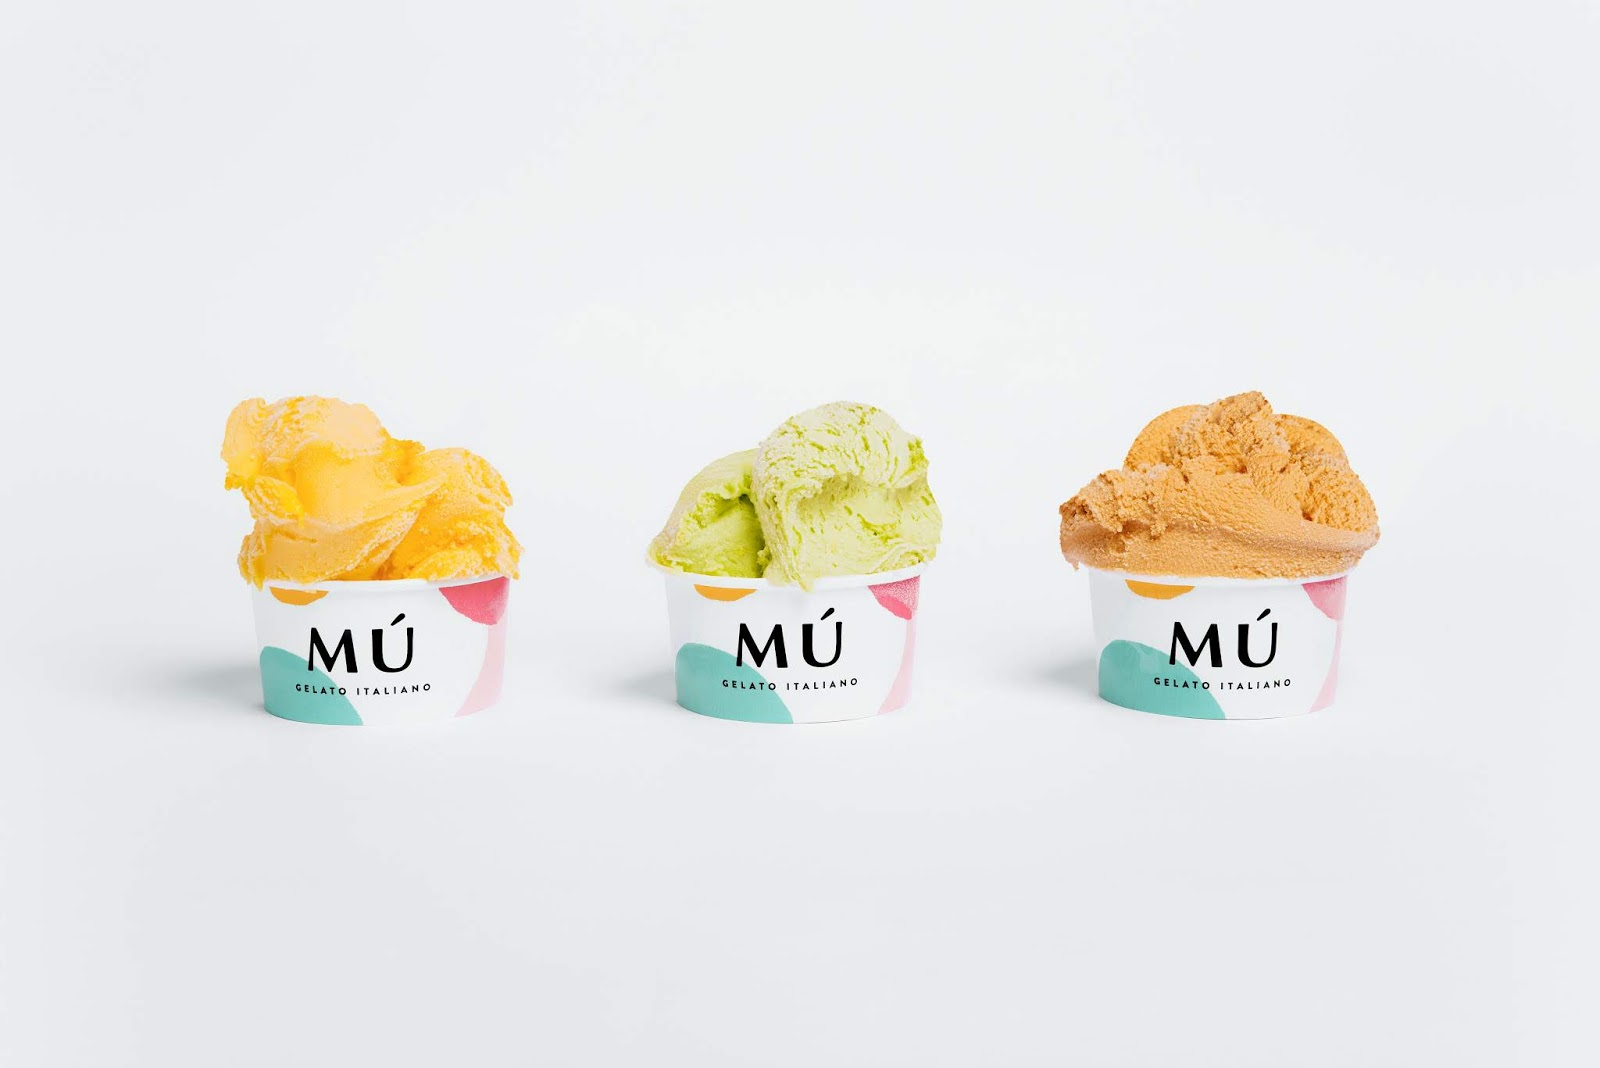 Mú冰淇淋包装设计